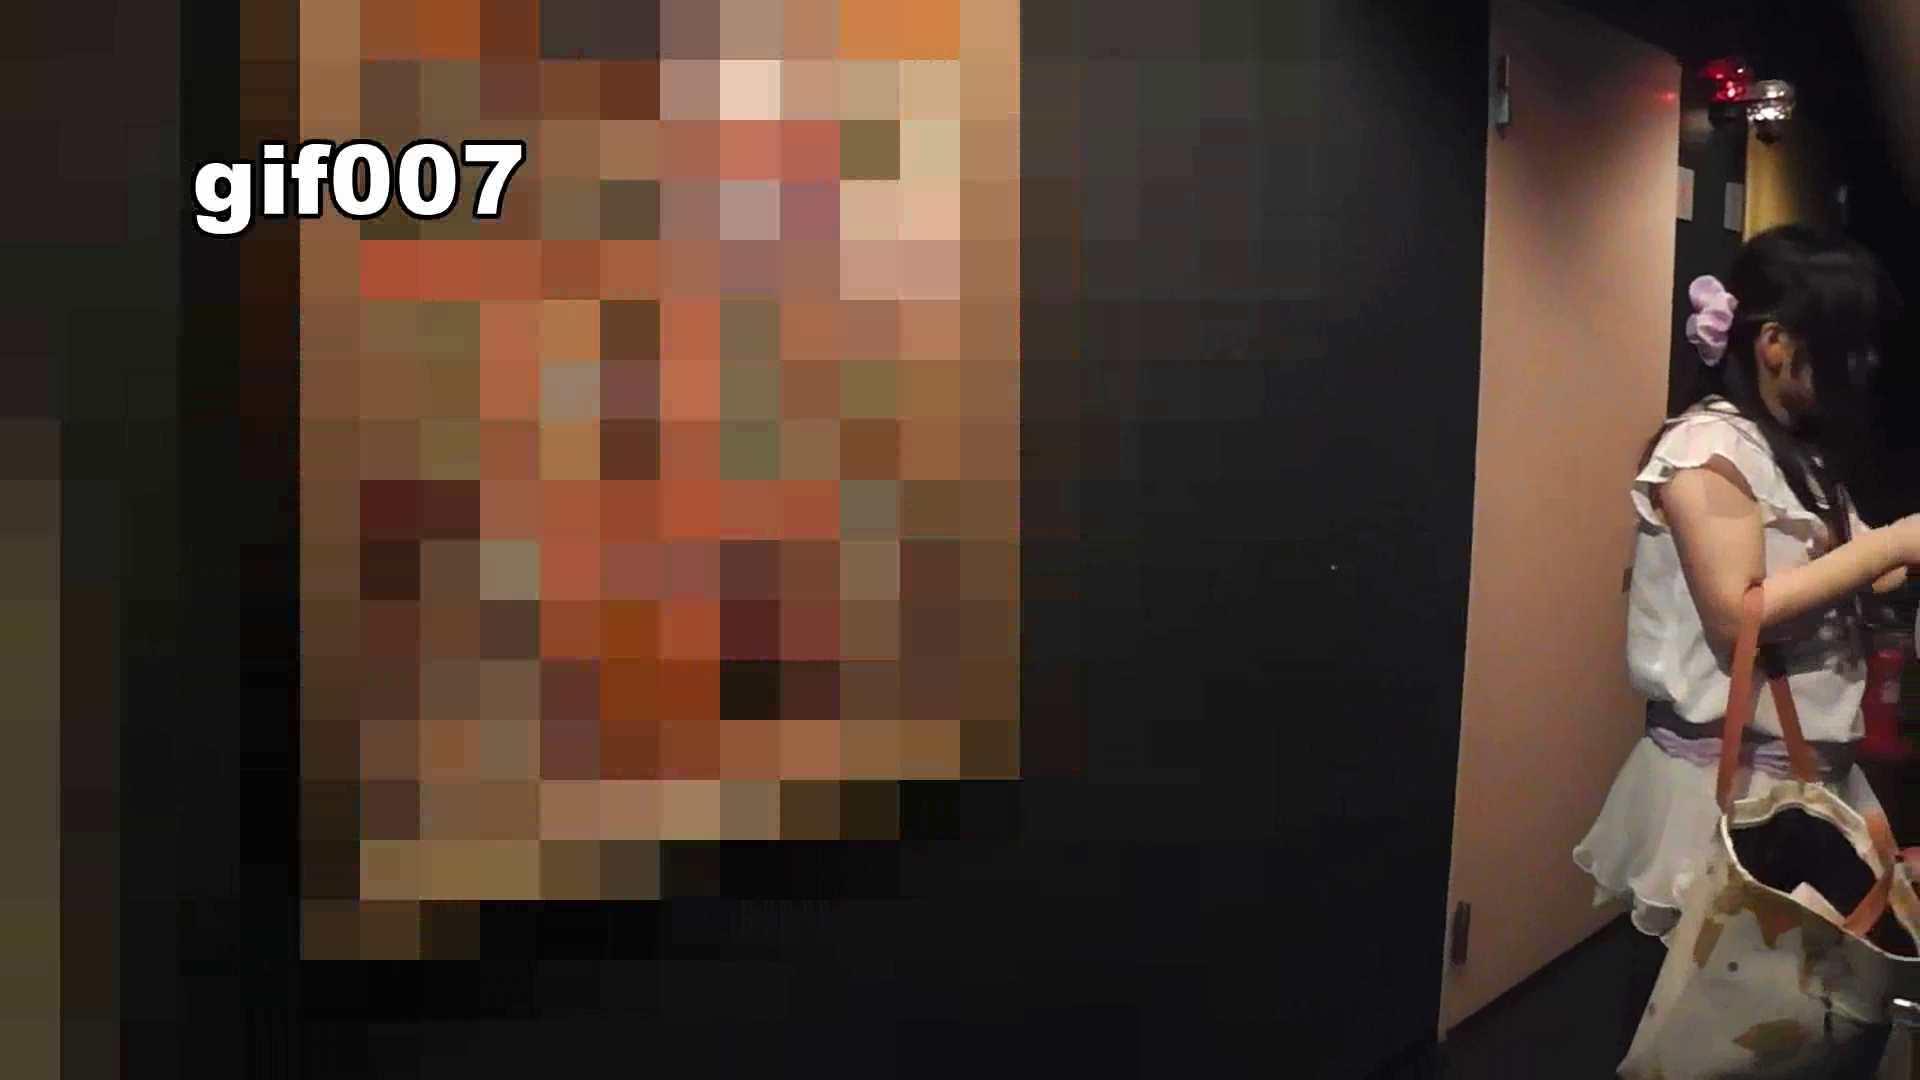 美女詰め合わせギフトvol.07 ようこそ幻想の世界へ 盛合せ  79画像 30